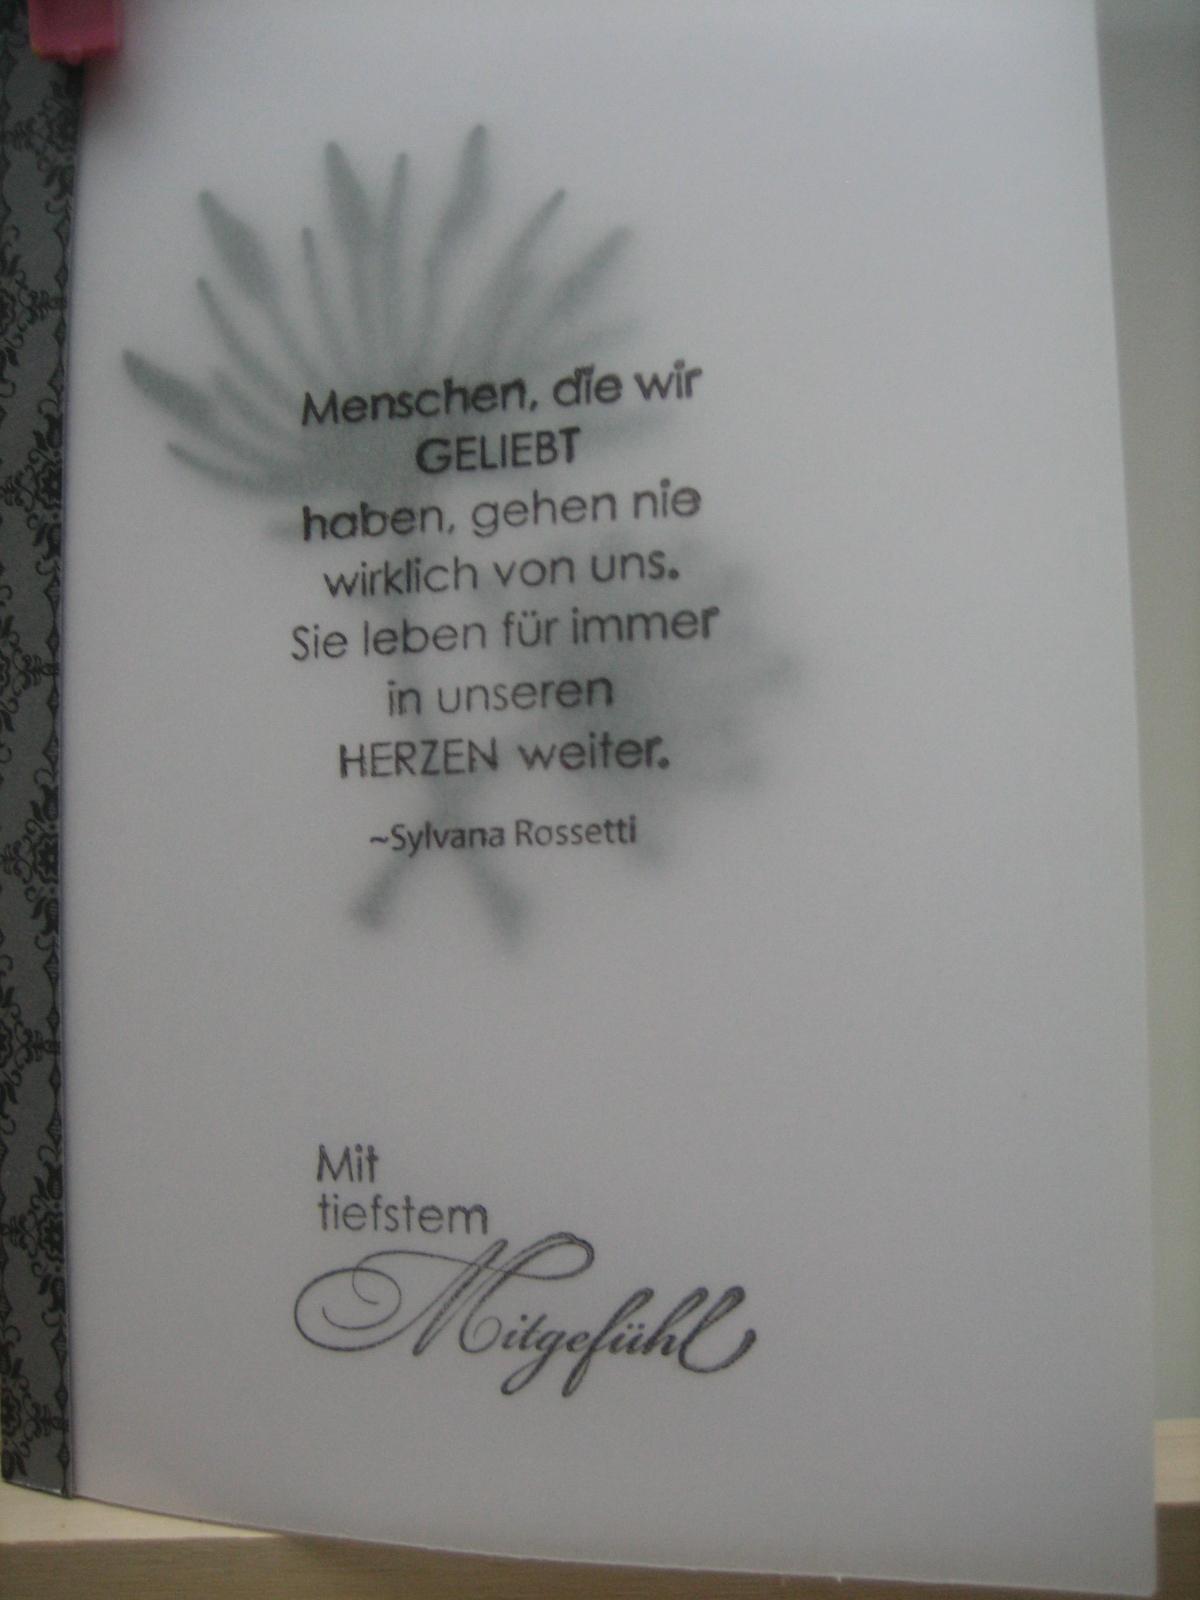 sprche auf trauerkarten ~ jan.cukjati design